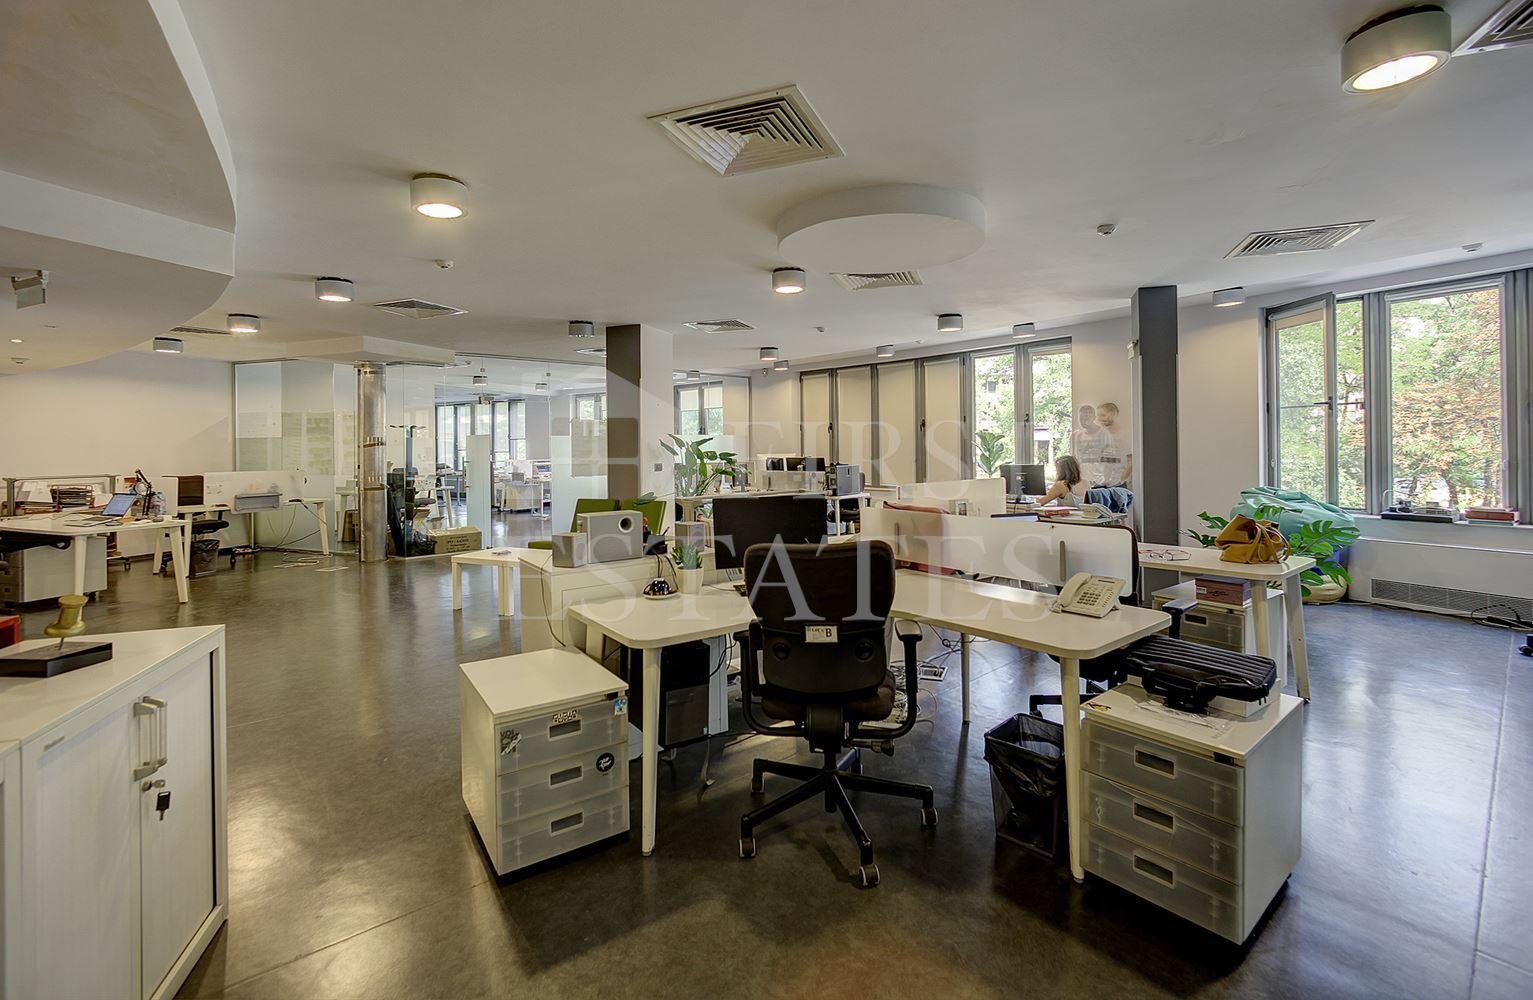 491 m² офис под наем